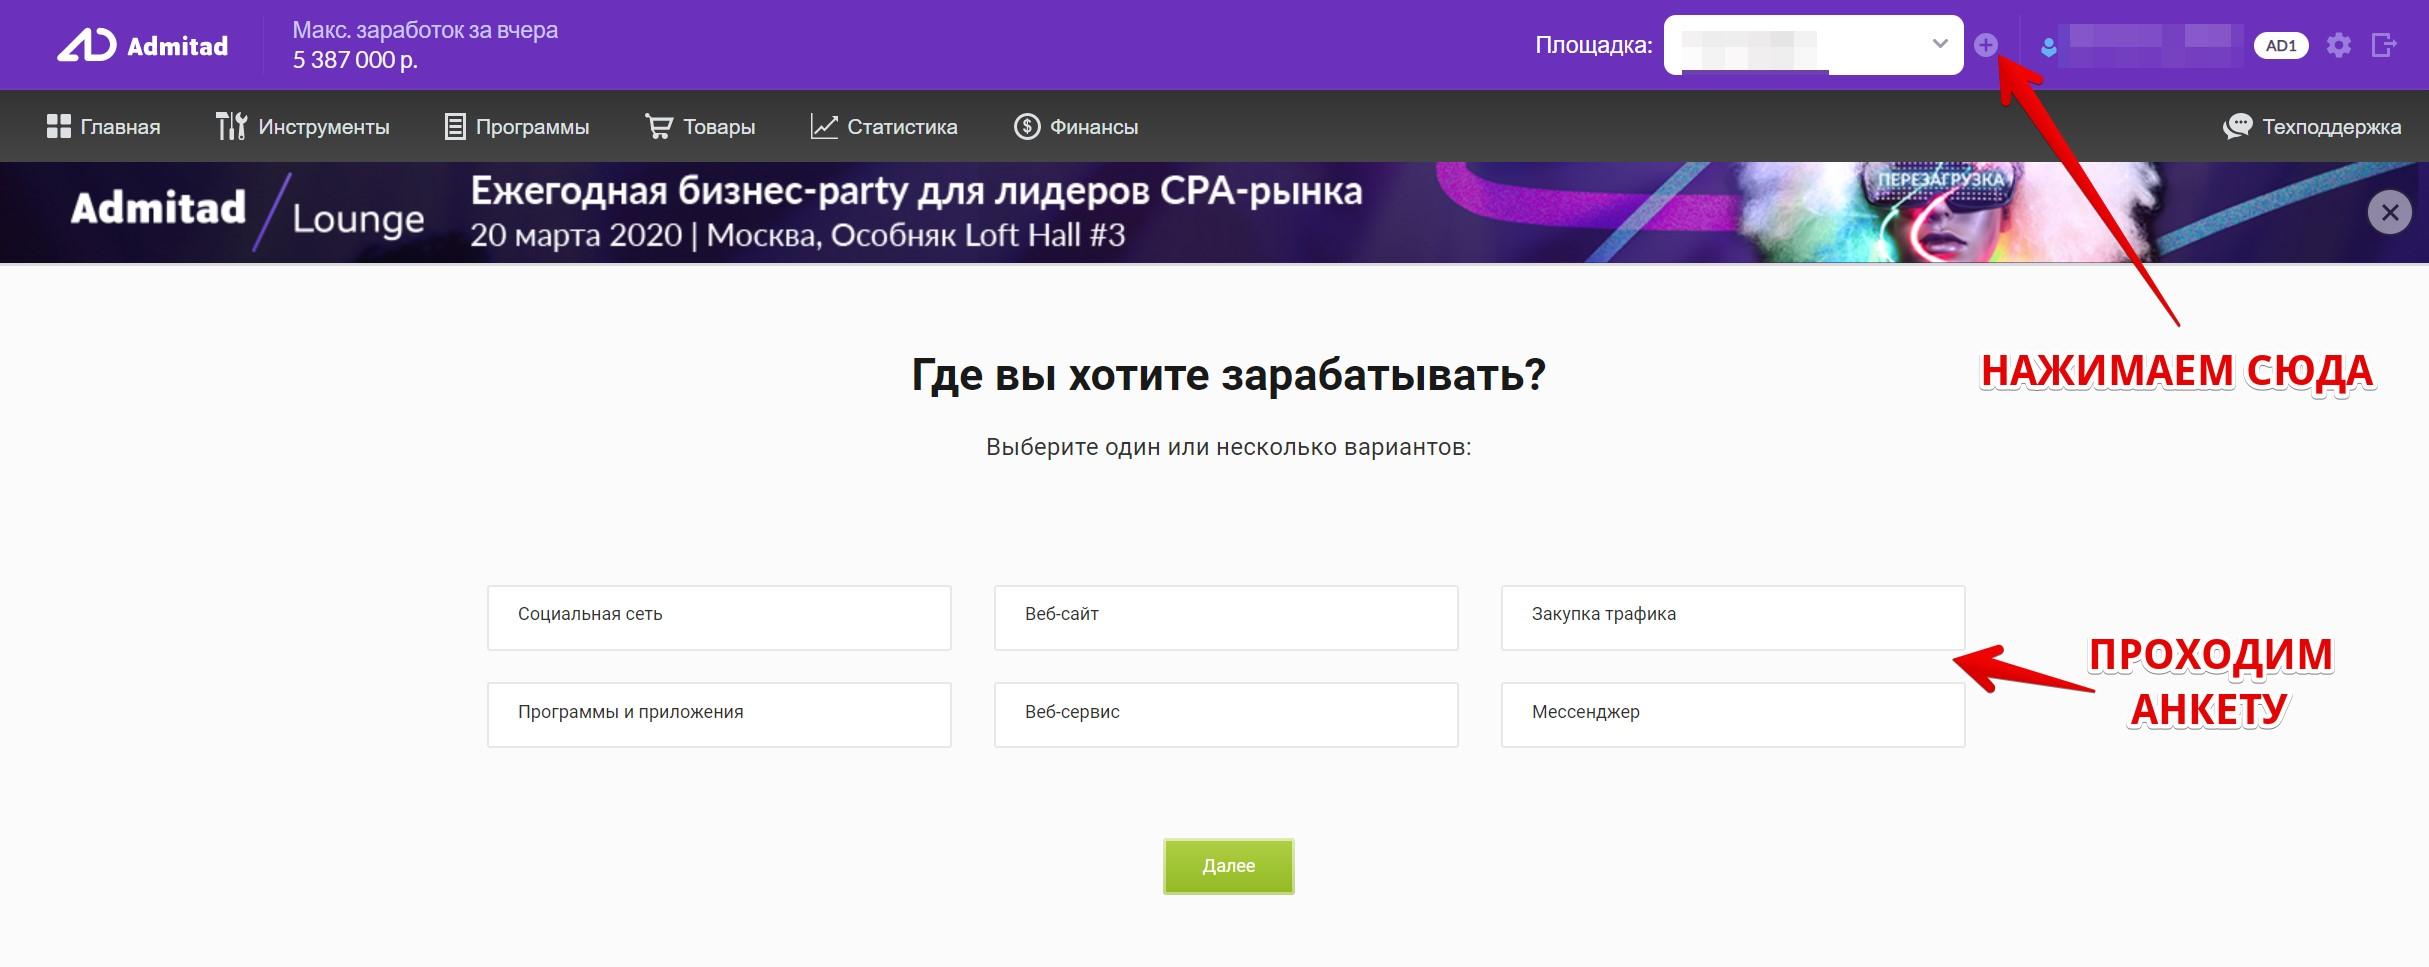 партнерская программа алиэкспресс на русском добавление новой площадки